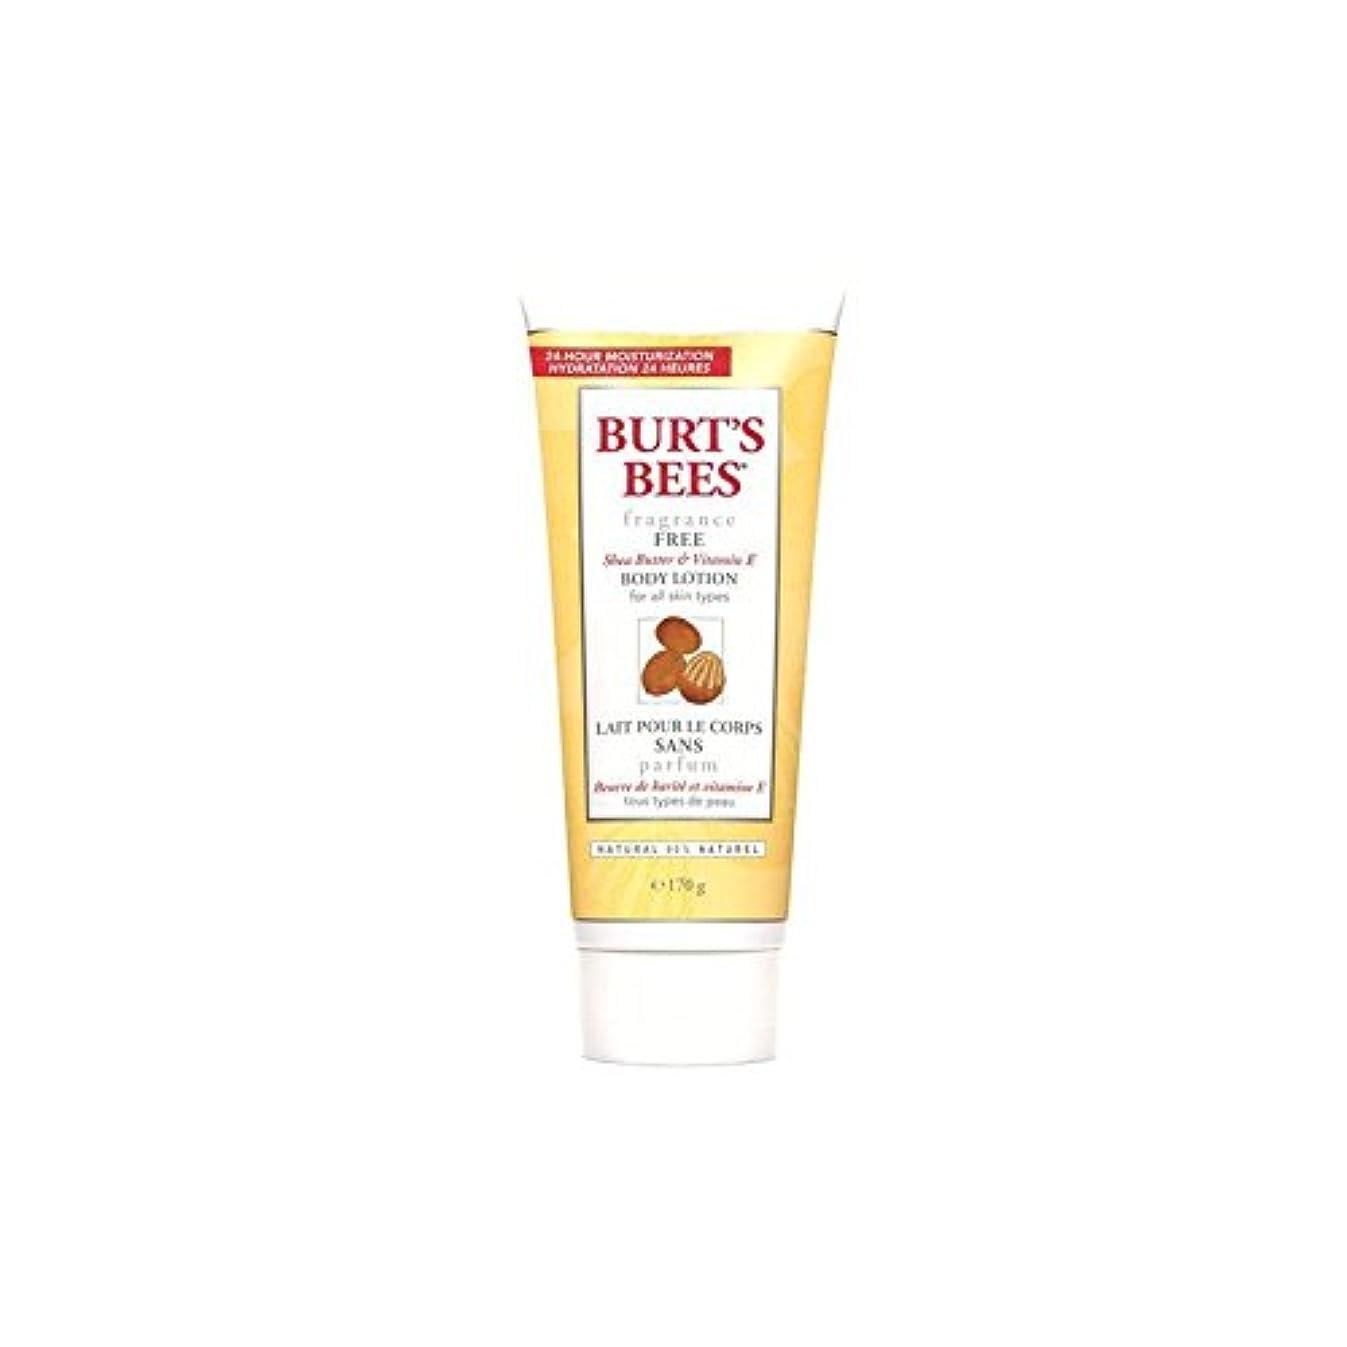 もっと肉腫硫黄Burt's Bees Body Lotion - Fragrance Free 6fl oz (Pack of 6) - バーツビーボディローション - 無香料6オンス x6 [並行輸入品]